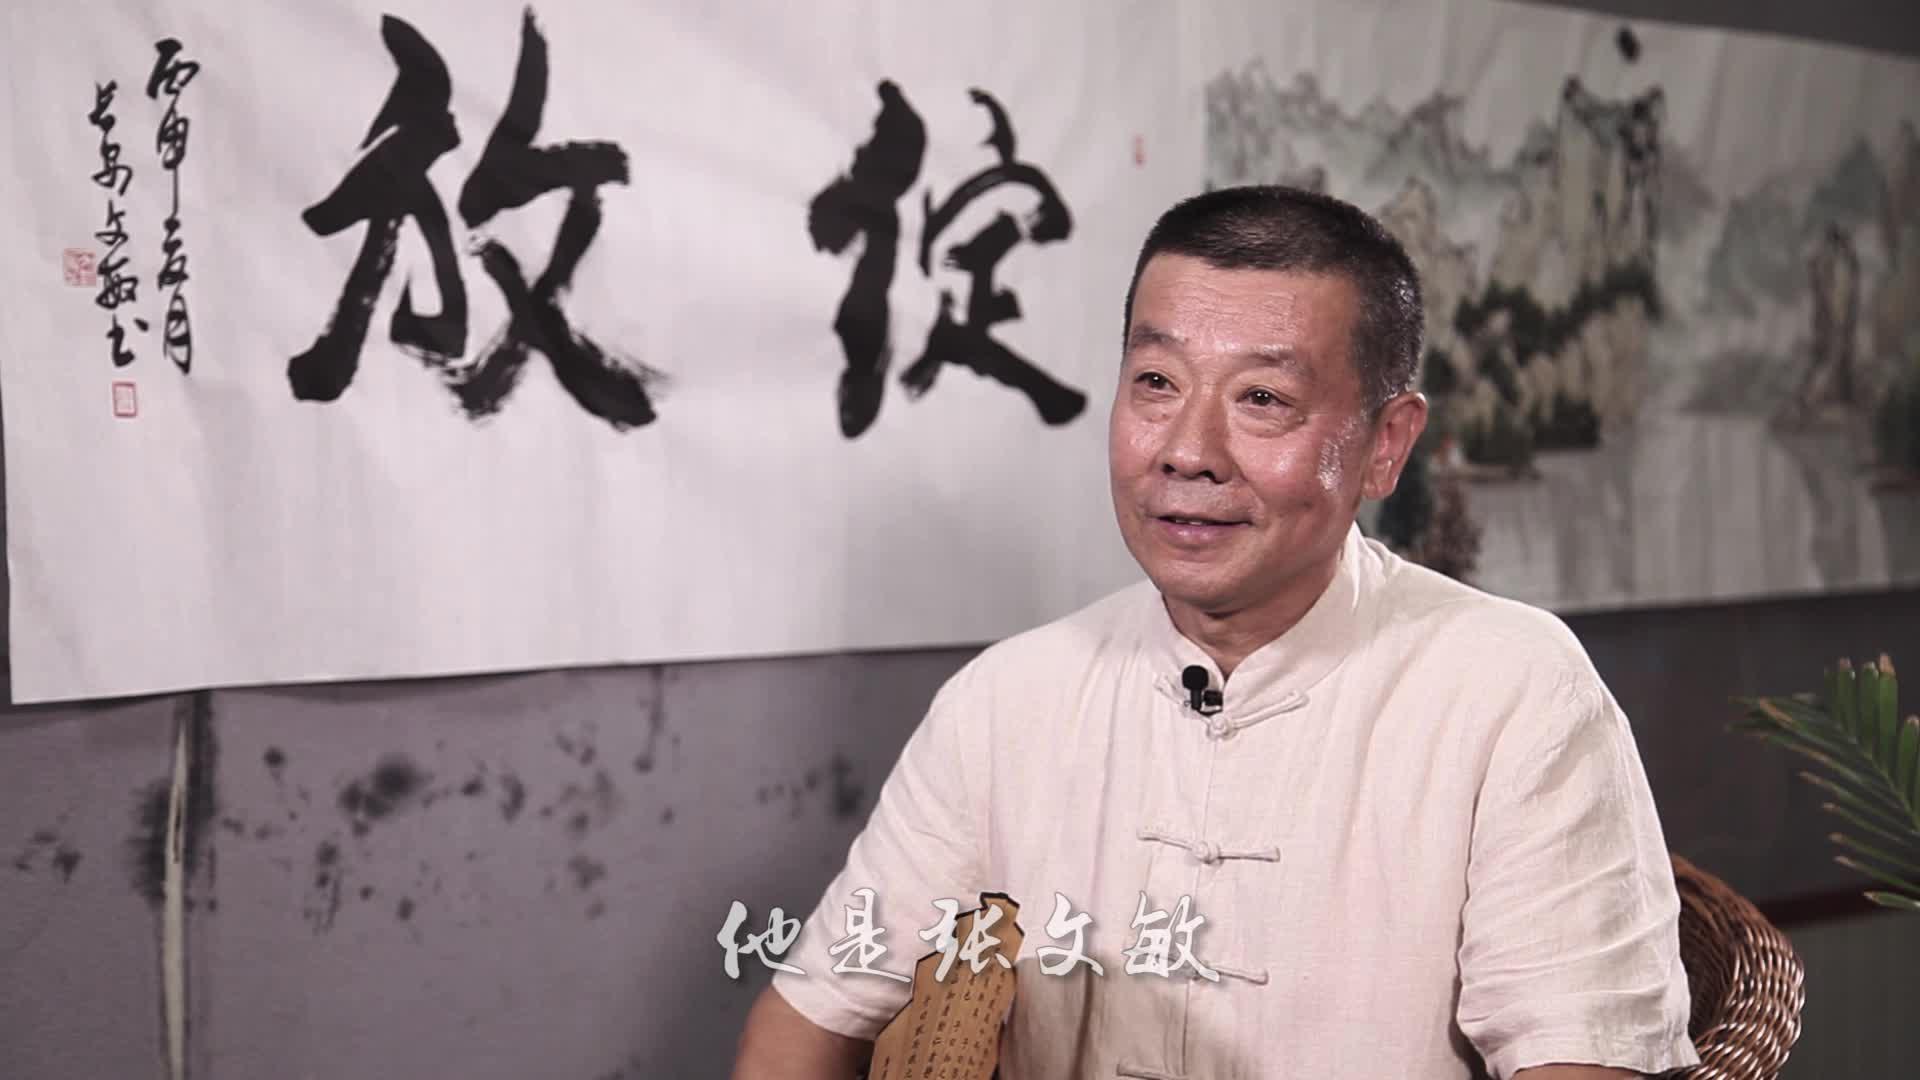 绽放:书画人生献公益 大爱仁者张文敏 04